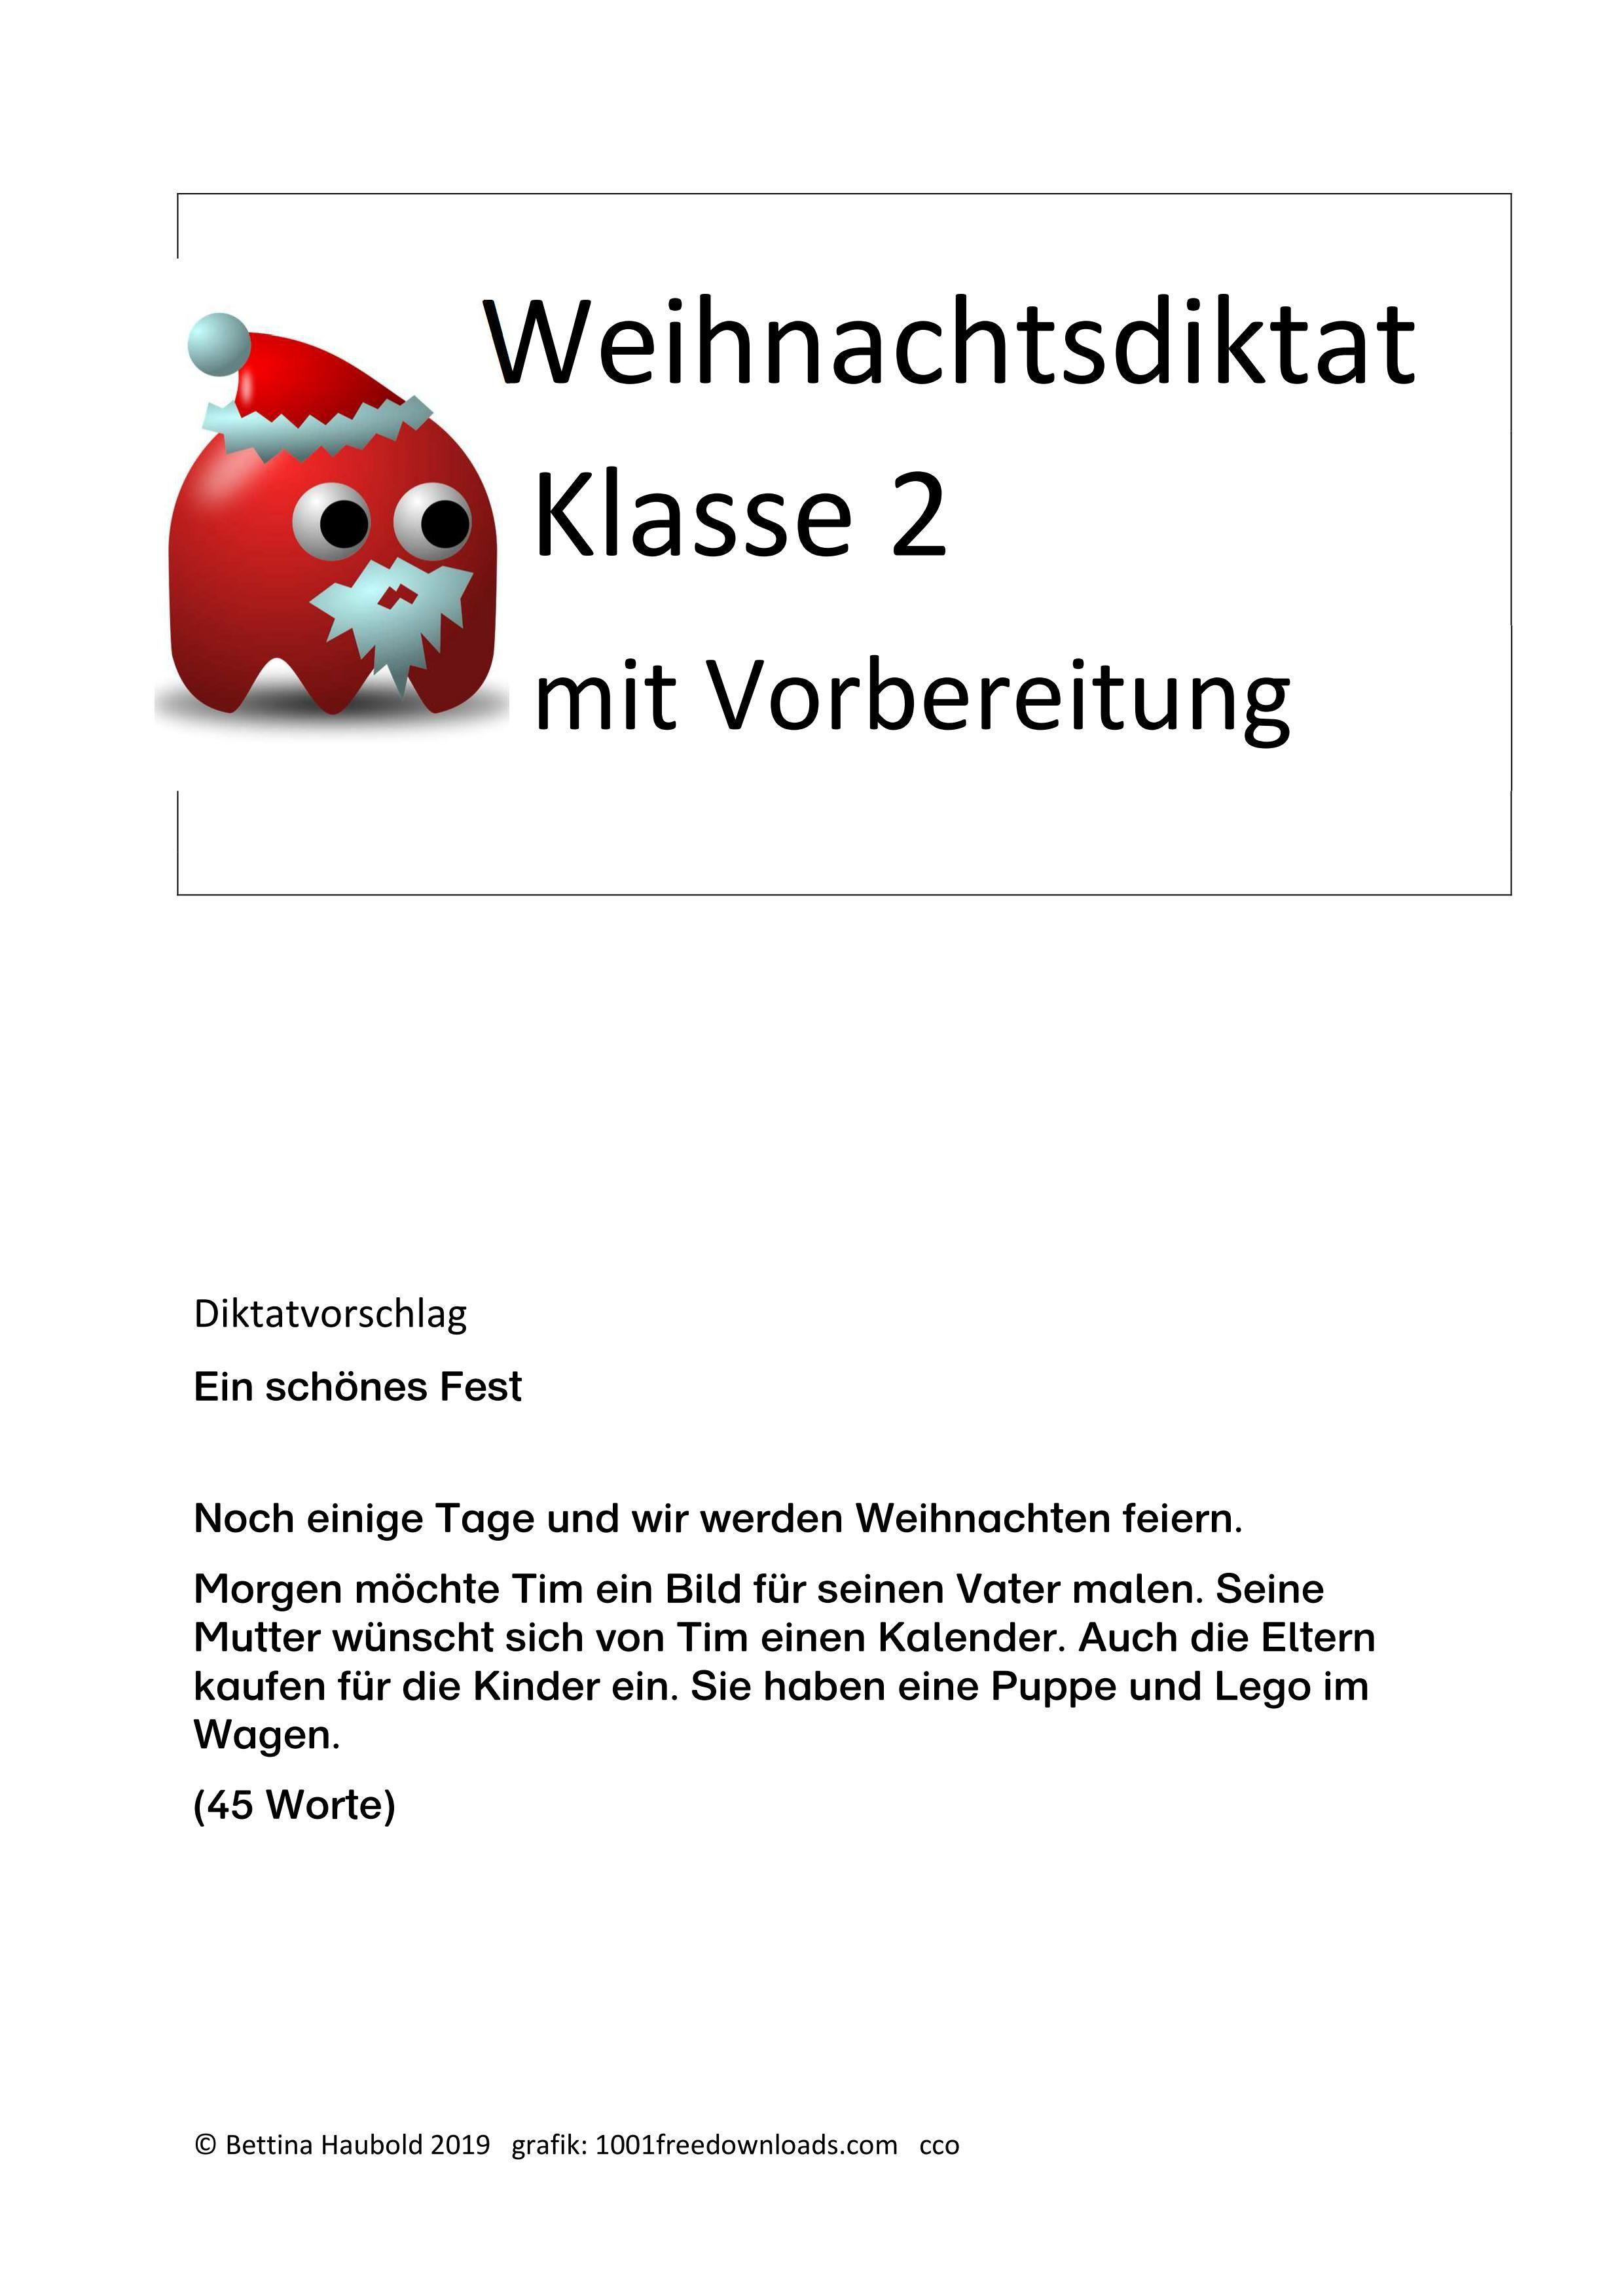 Weihnachtsdiktat Klasse 2 Teilweise Leistungsdifferenziert Unterrichtsmaterial Im Fach Deutsch 2 Klasse Erste Klasse Lernen Macht Spass